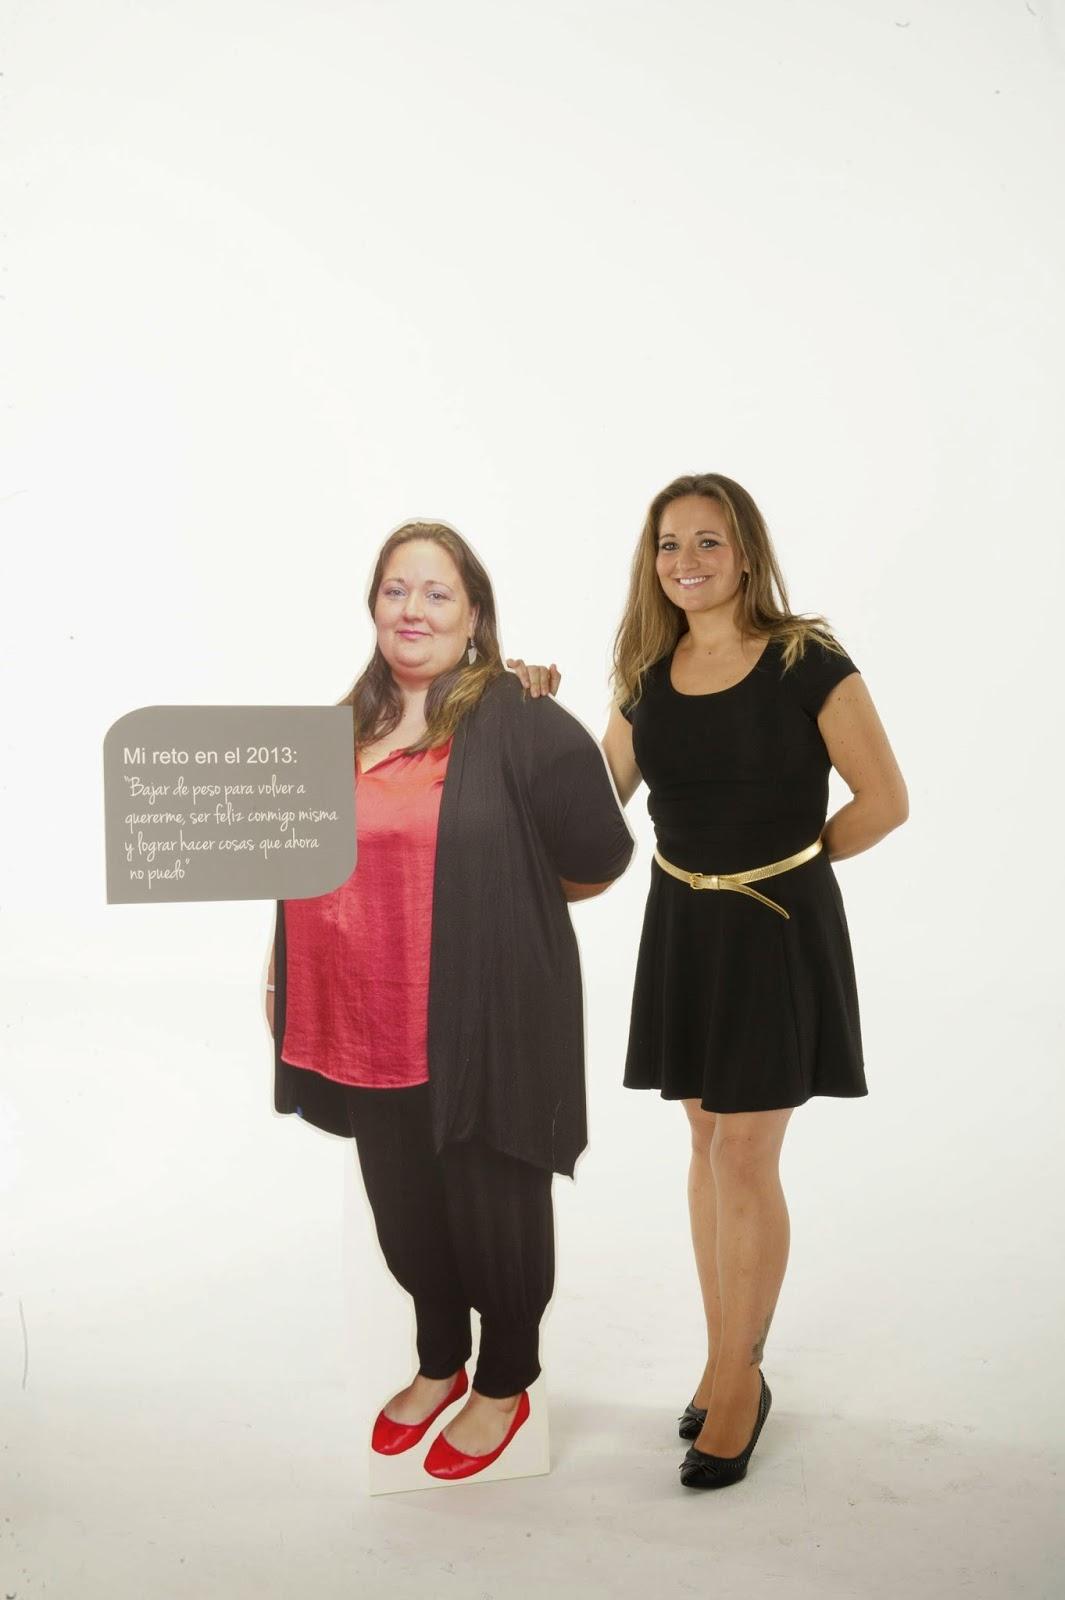 calendario solidario contra la obesidad